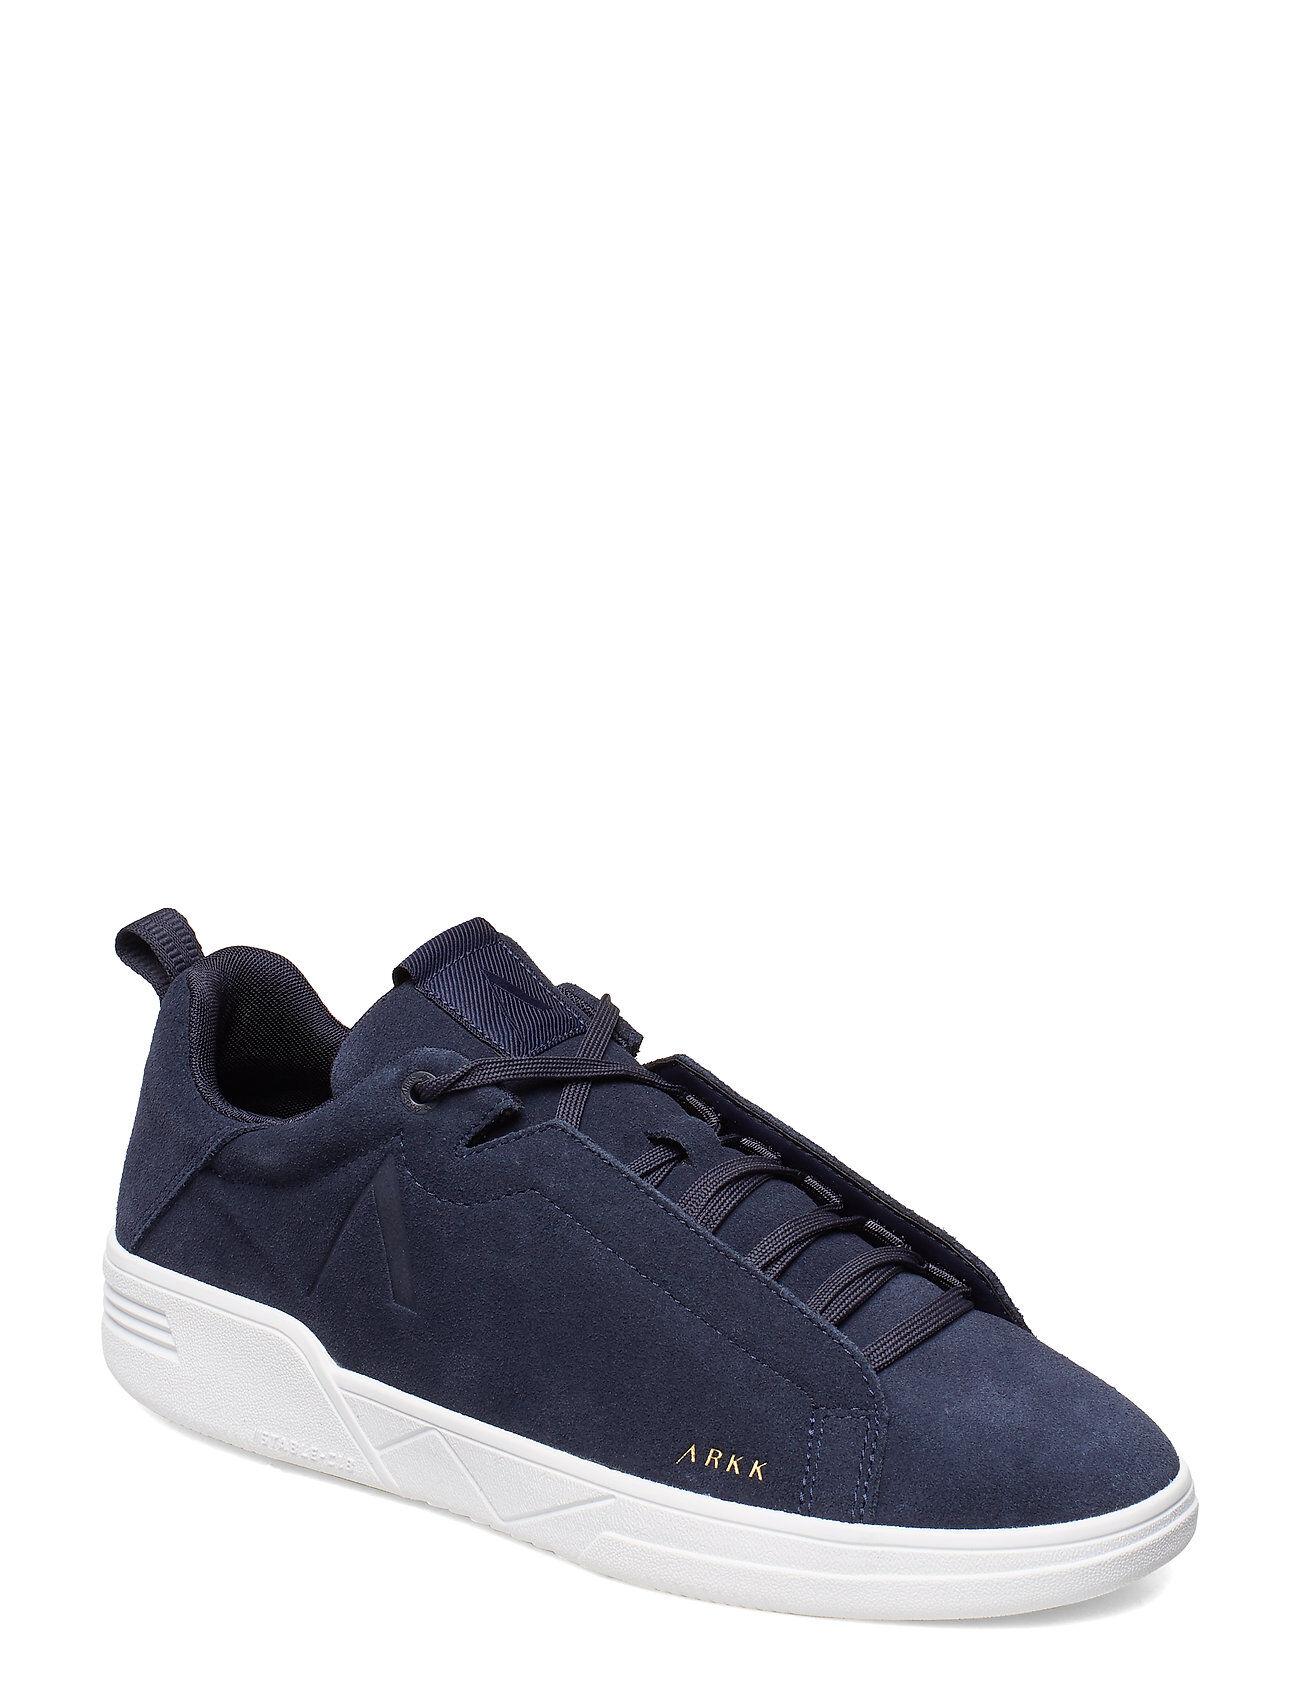 ARKK Copenhagen Uniklass Suede S-C18 Midnight - Men Matalavartiset Sneakerit Tennarit Sininen ARKK Copenhagen